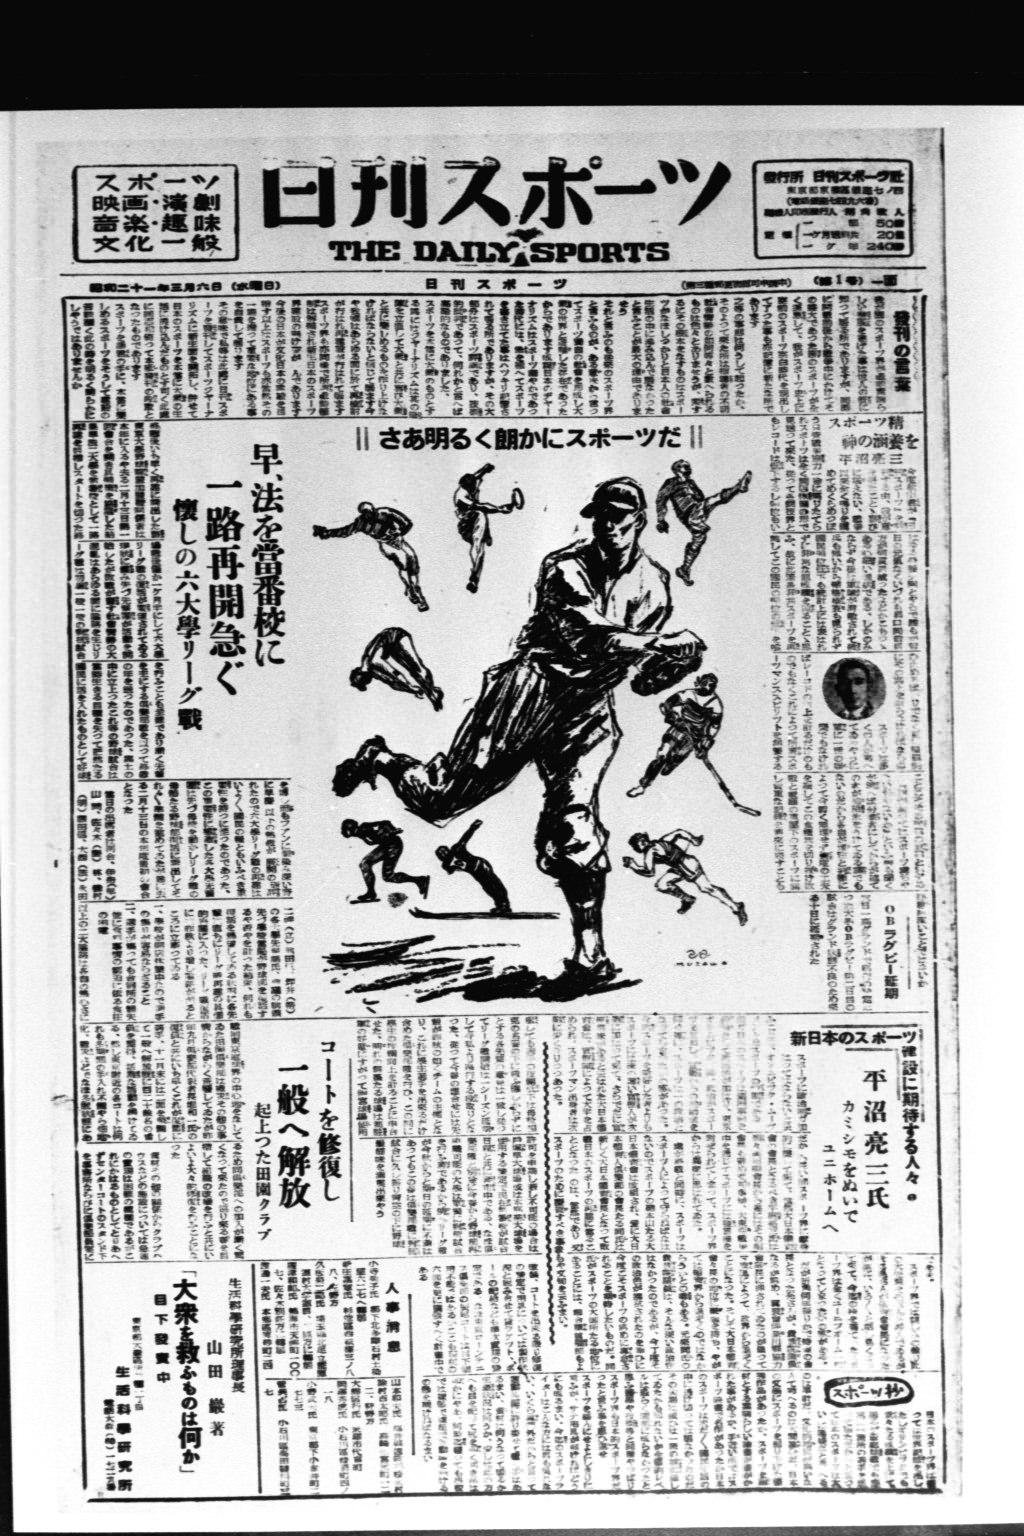 日刊スポーツ創刊号の1面 1946年3月6日付